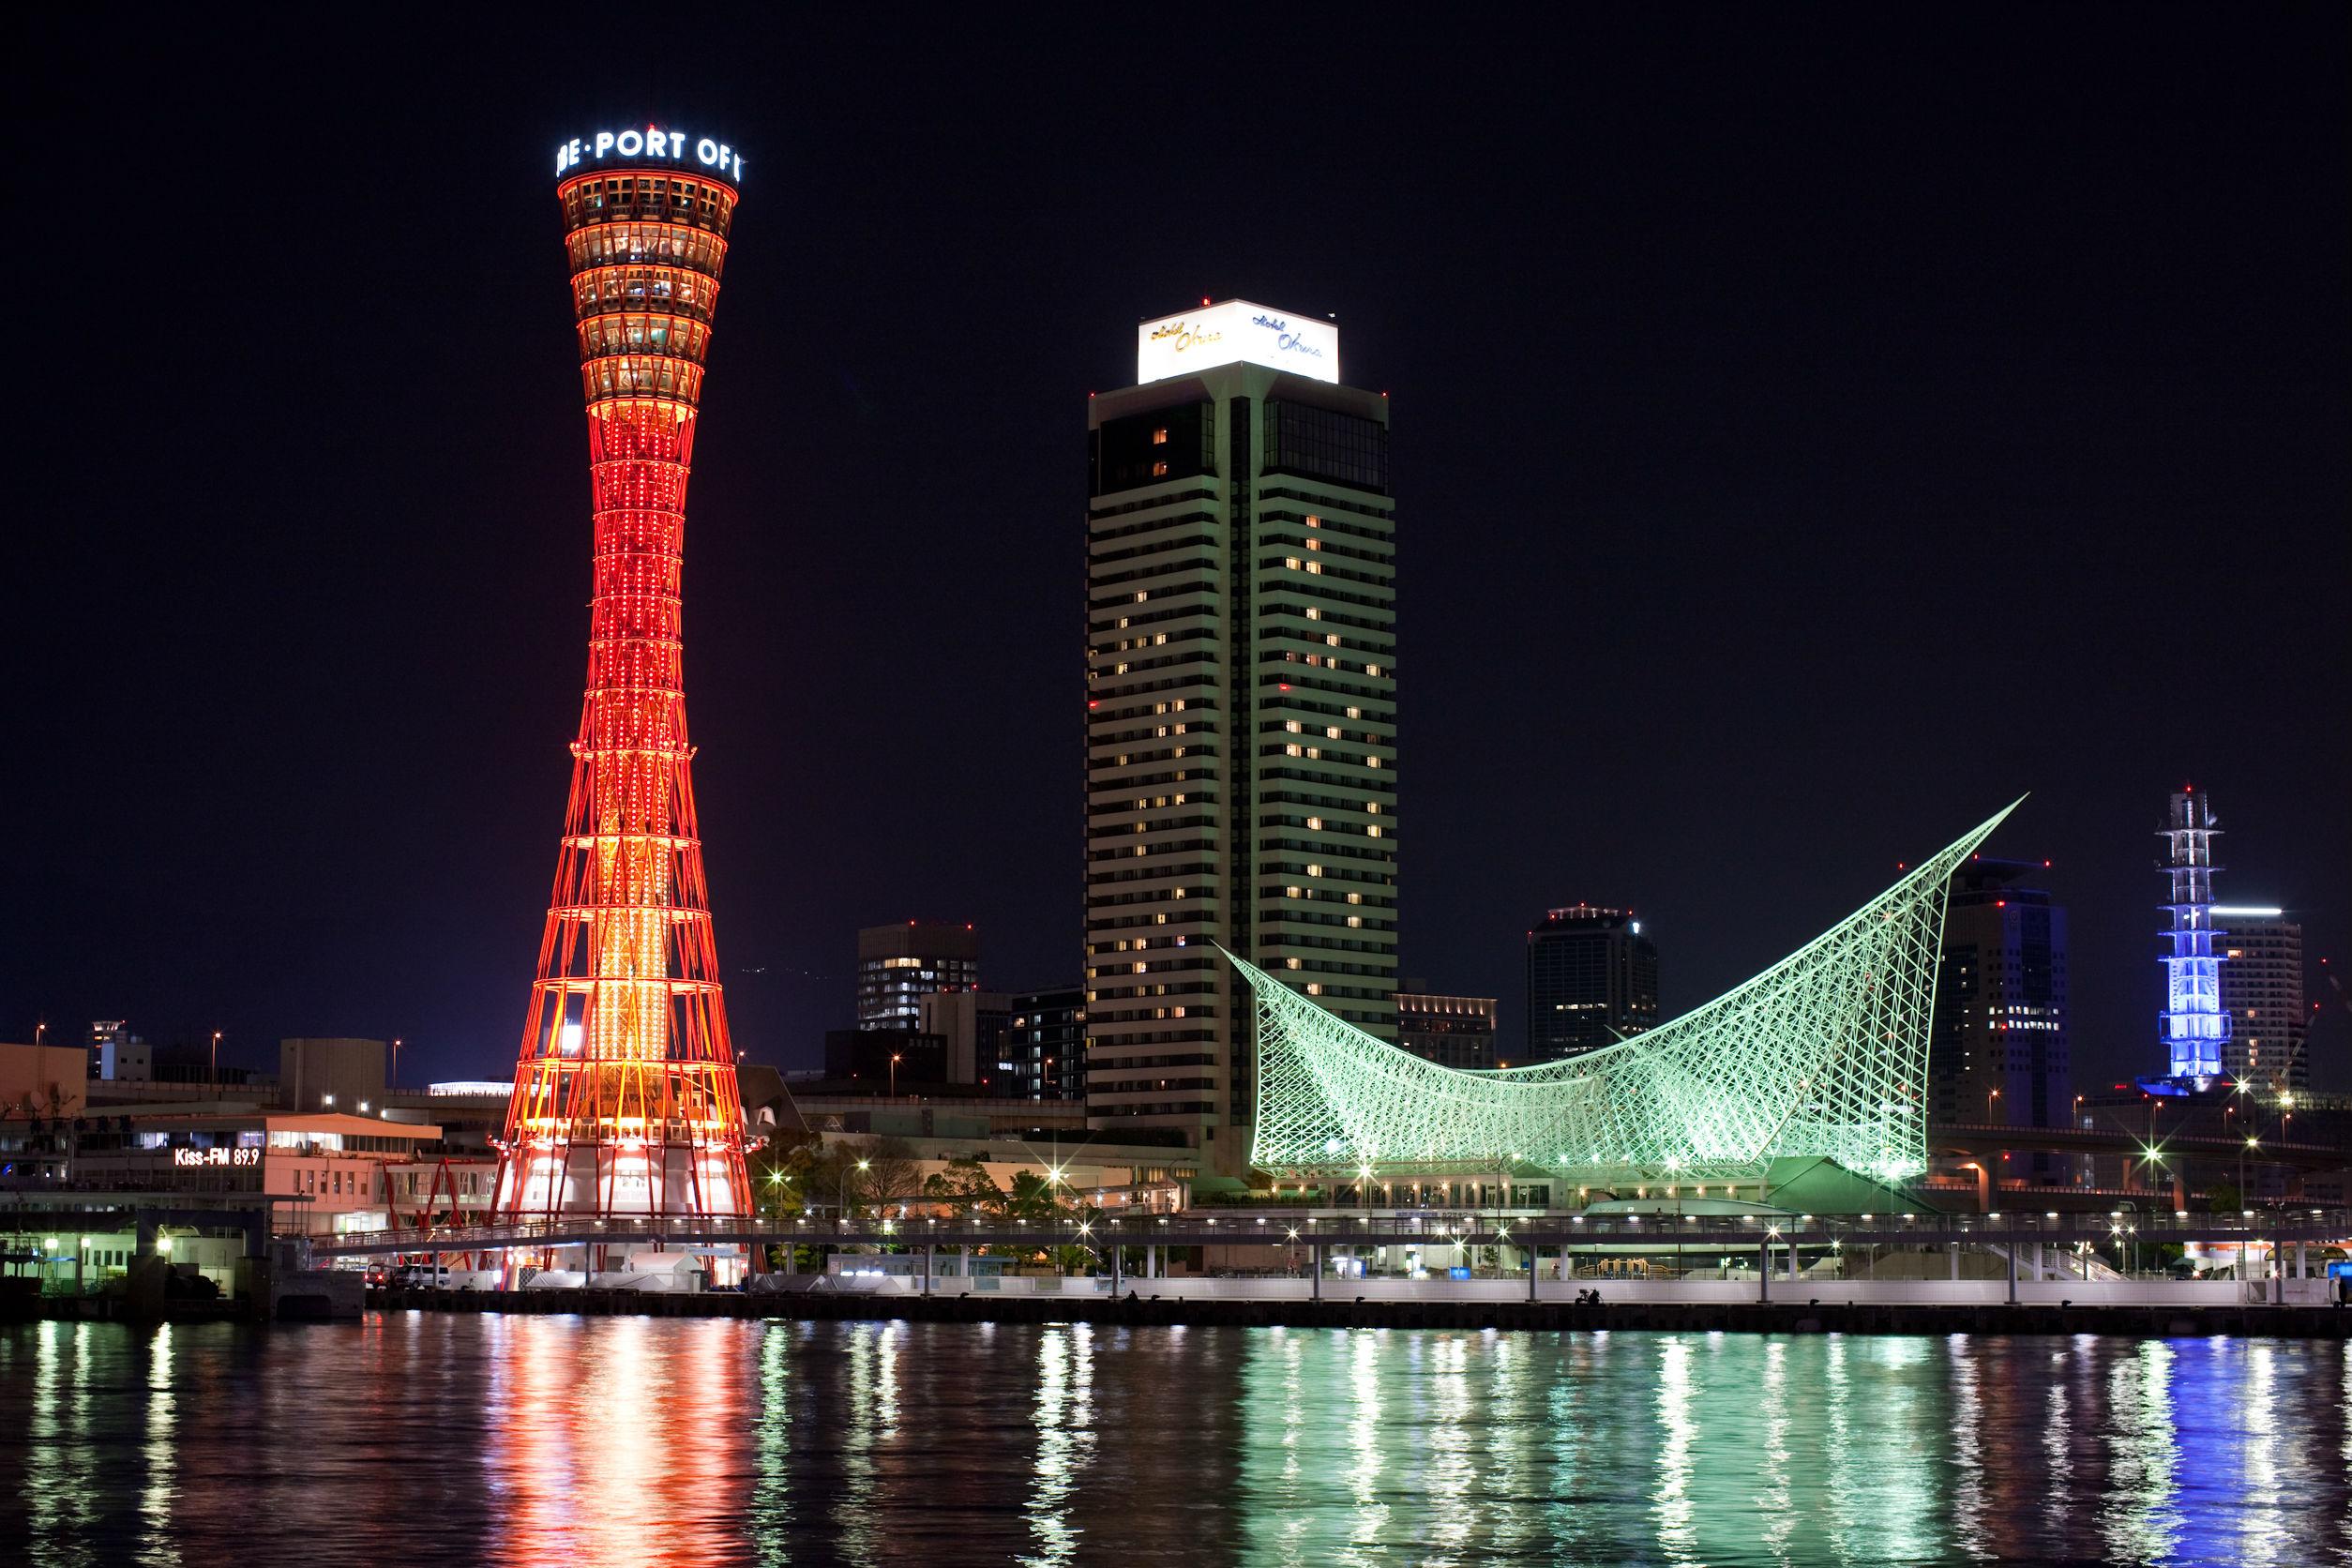 【最大17%割引】神戸ポートタワー 前売りクーポン